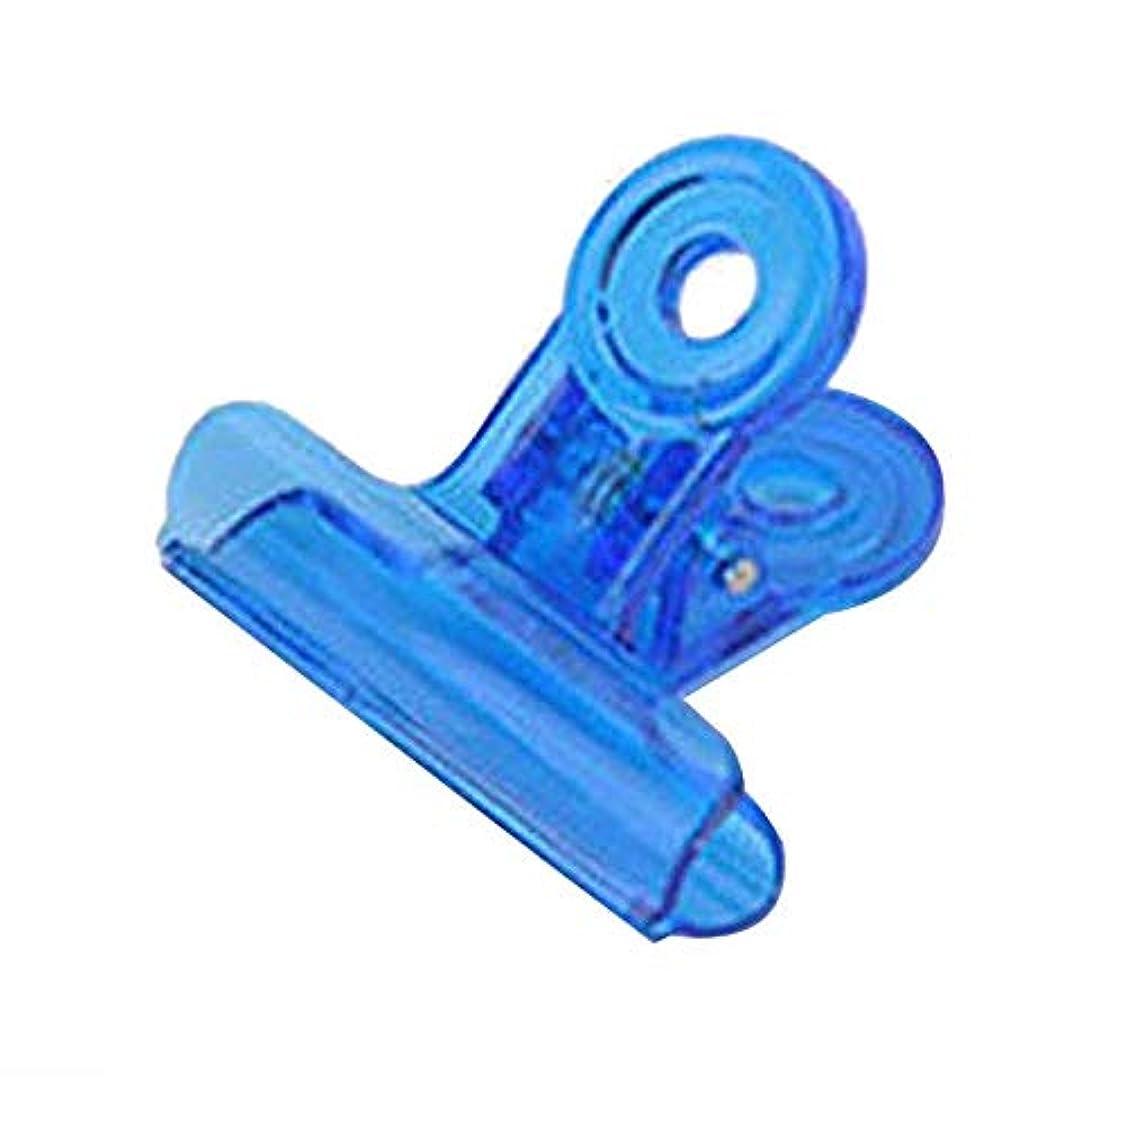 滑る無条件カスタムTOOGOO カーブネイルピンチクリップツール多機能プラスチック爪 ランダムカラー(ブルー)